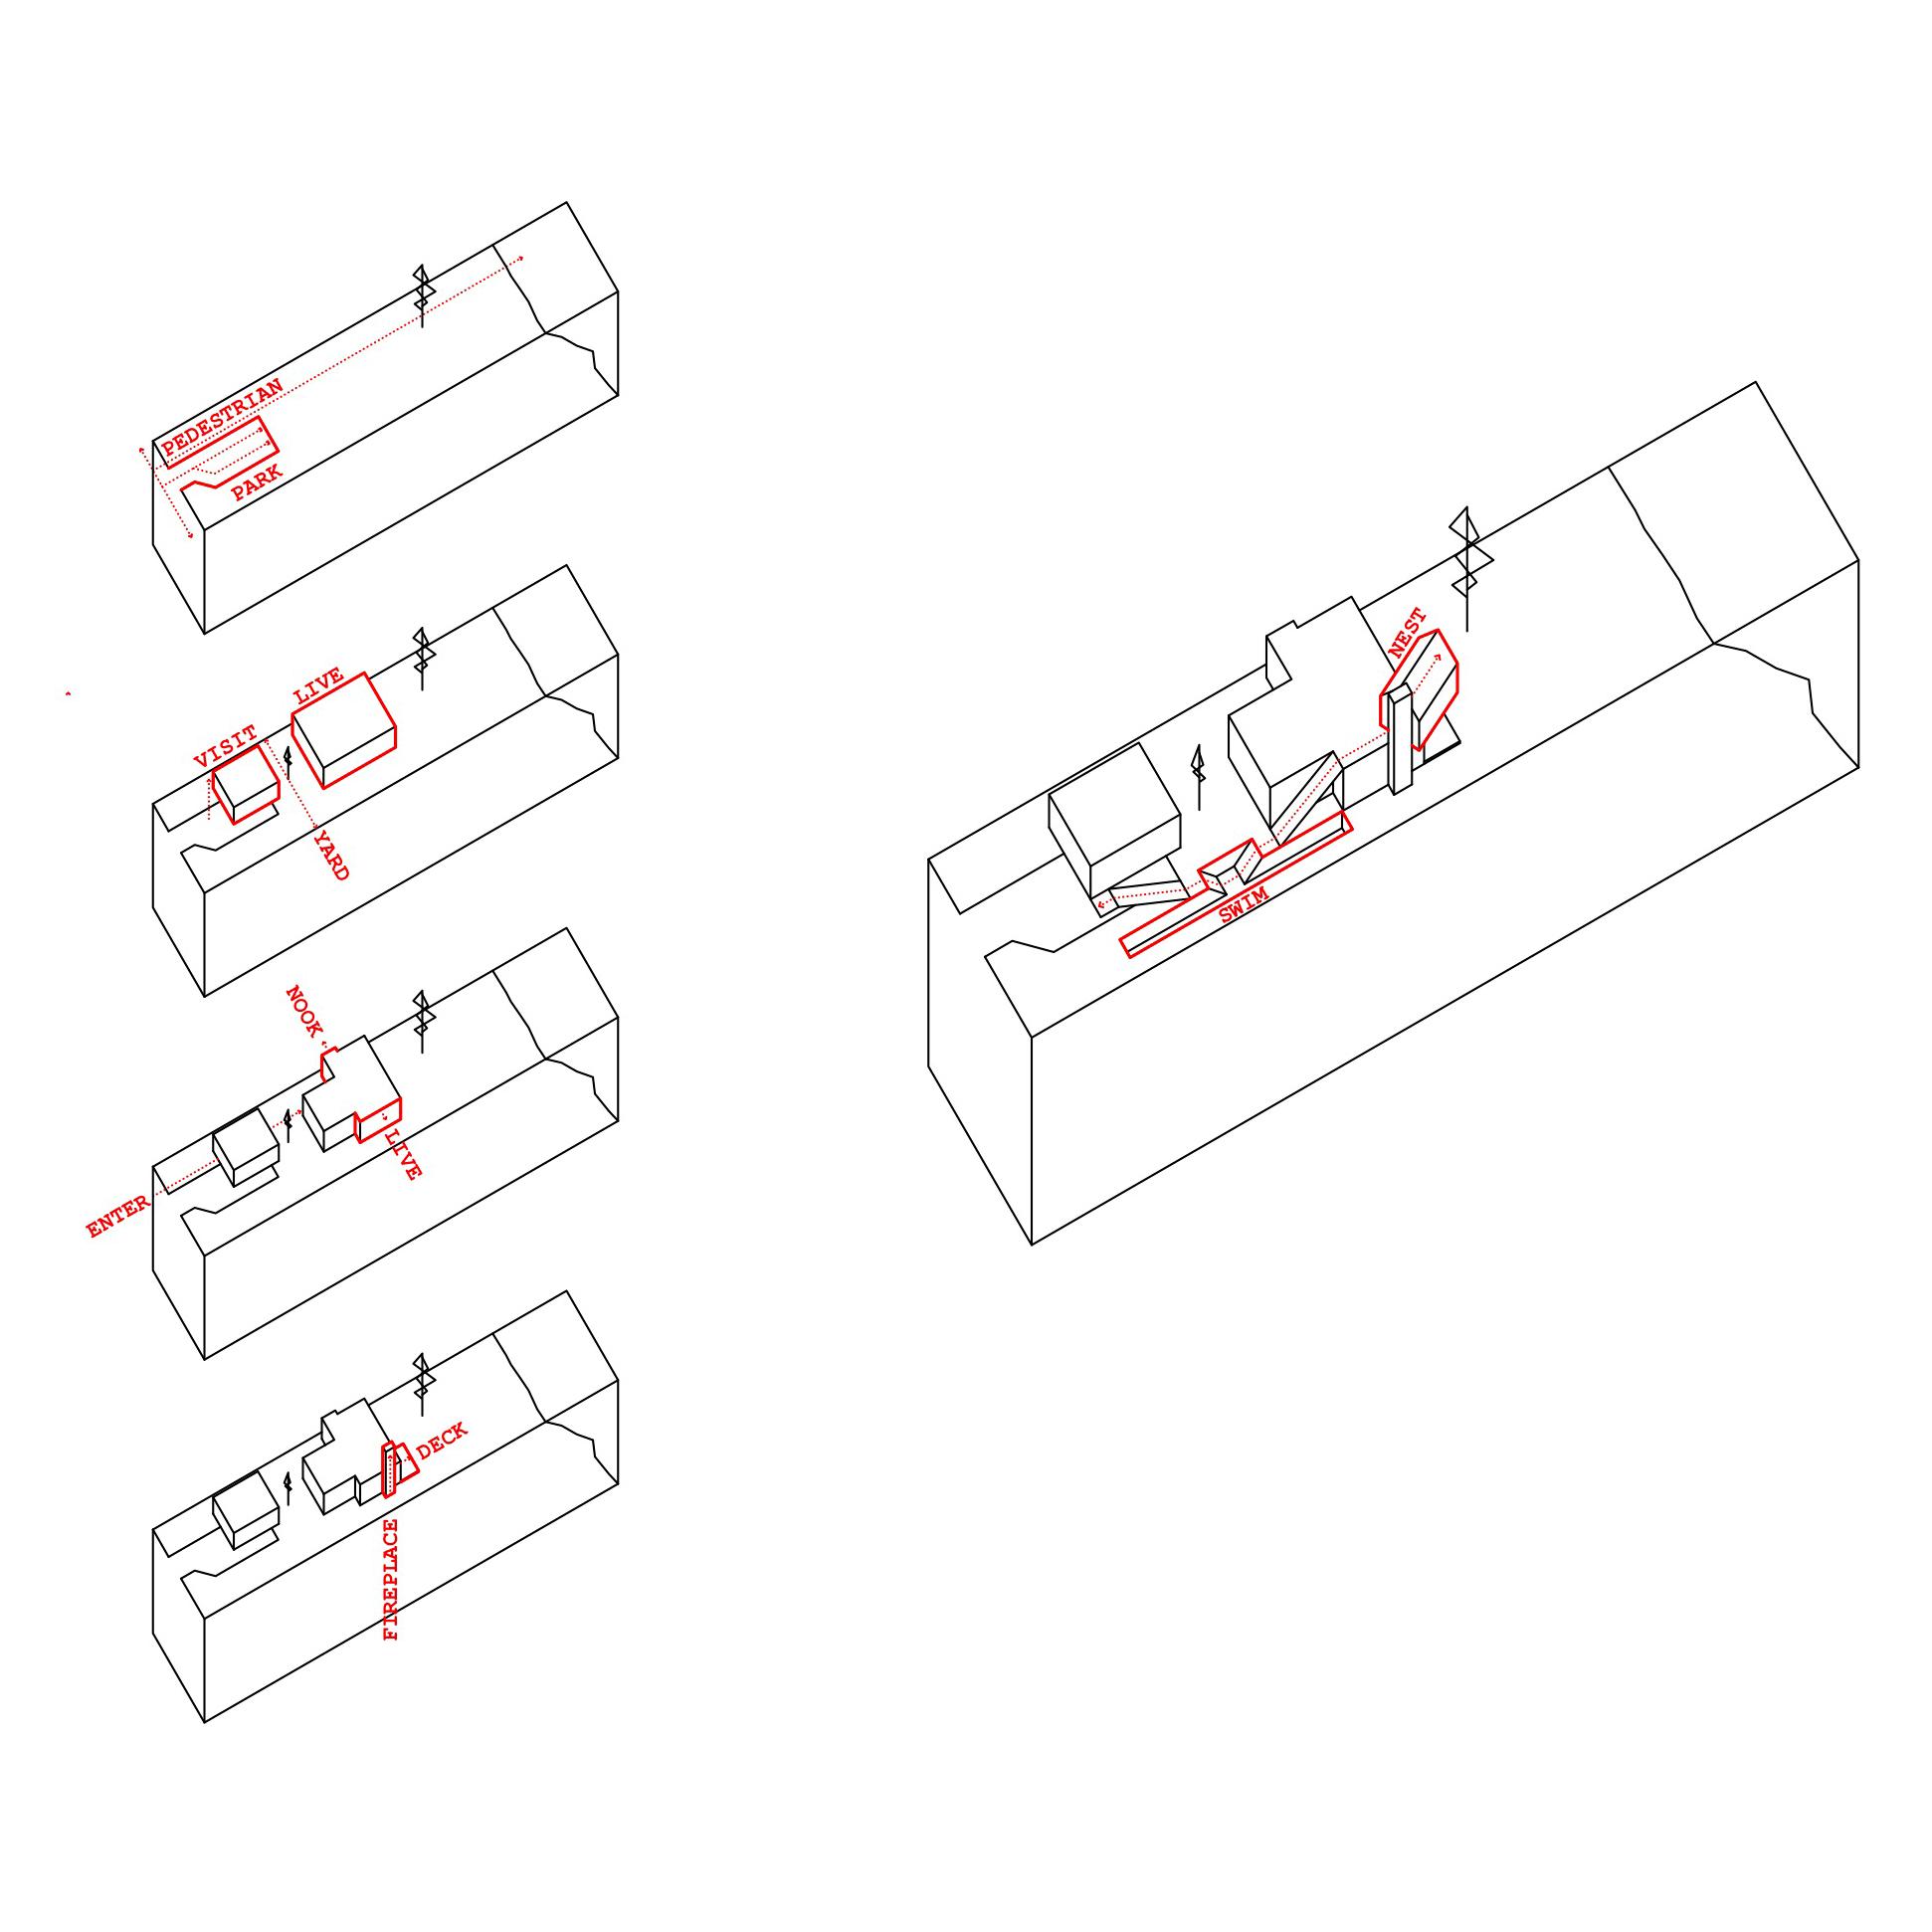 carla-axon-diagram.png